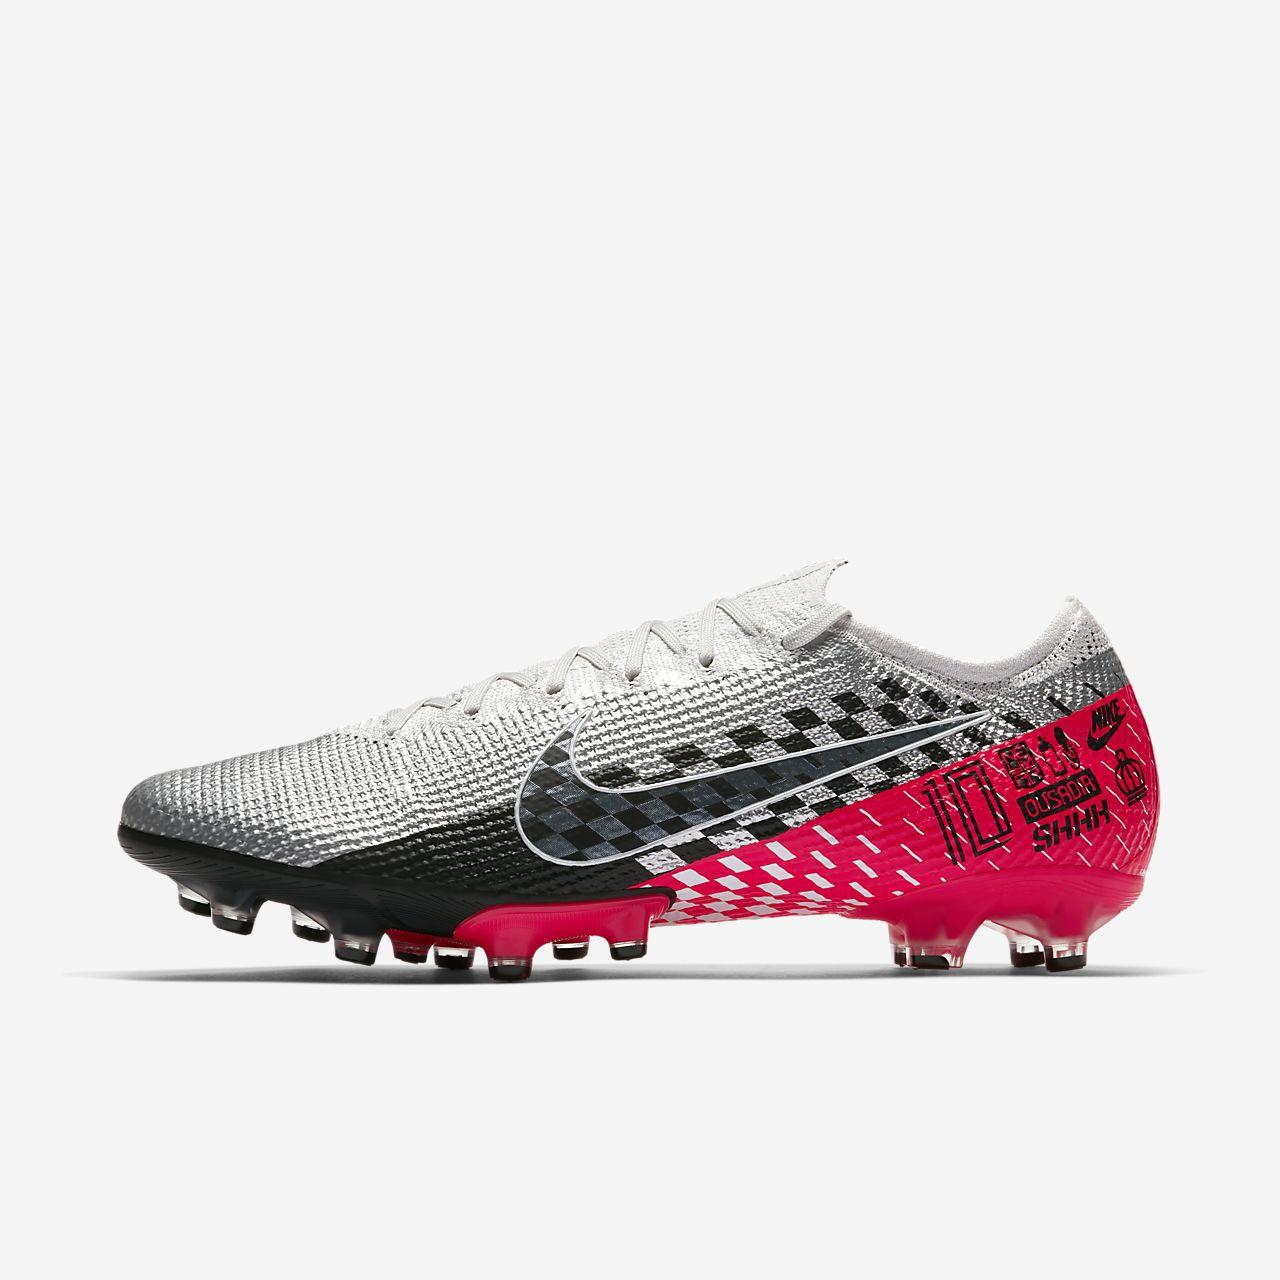 Ποδοσφαιρικό παπούτσι για τεχνητό γρασίδι Nike Mercurial Vapor 13 Elite Neymar Jr. AG-PRO